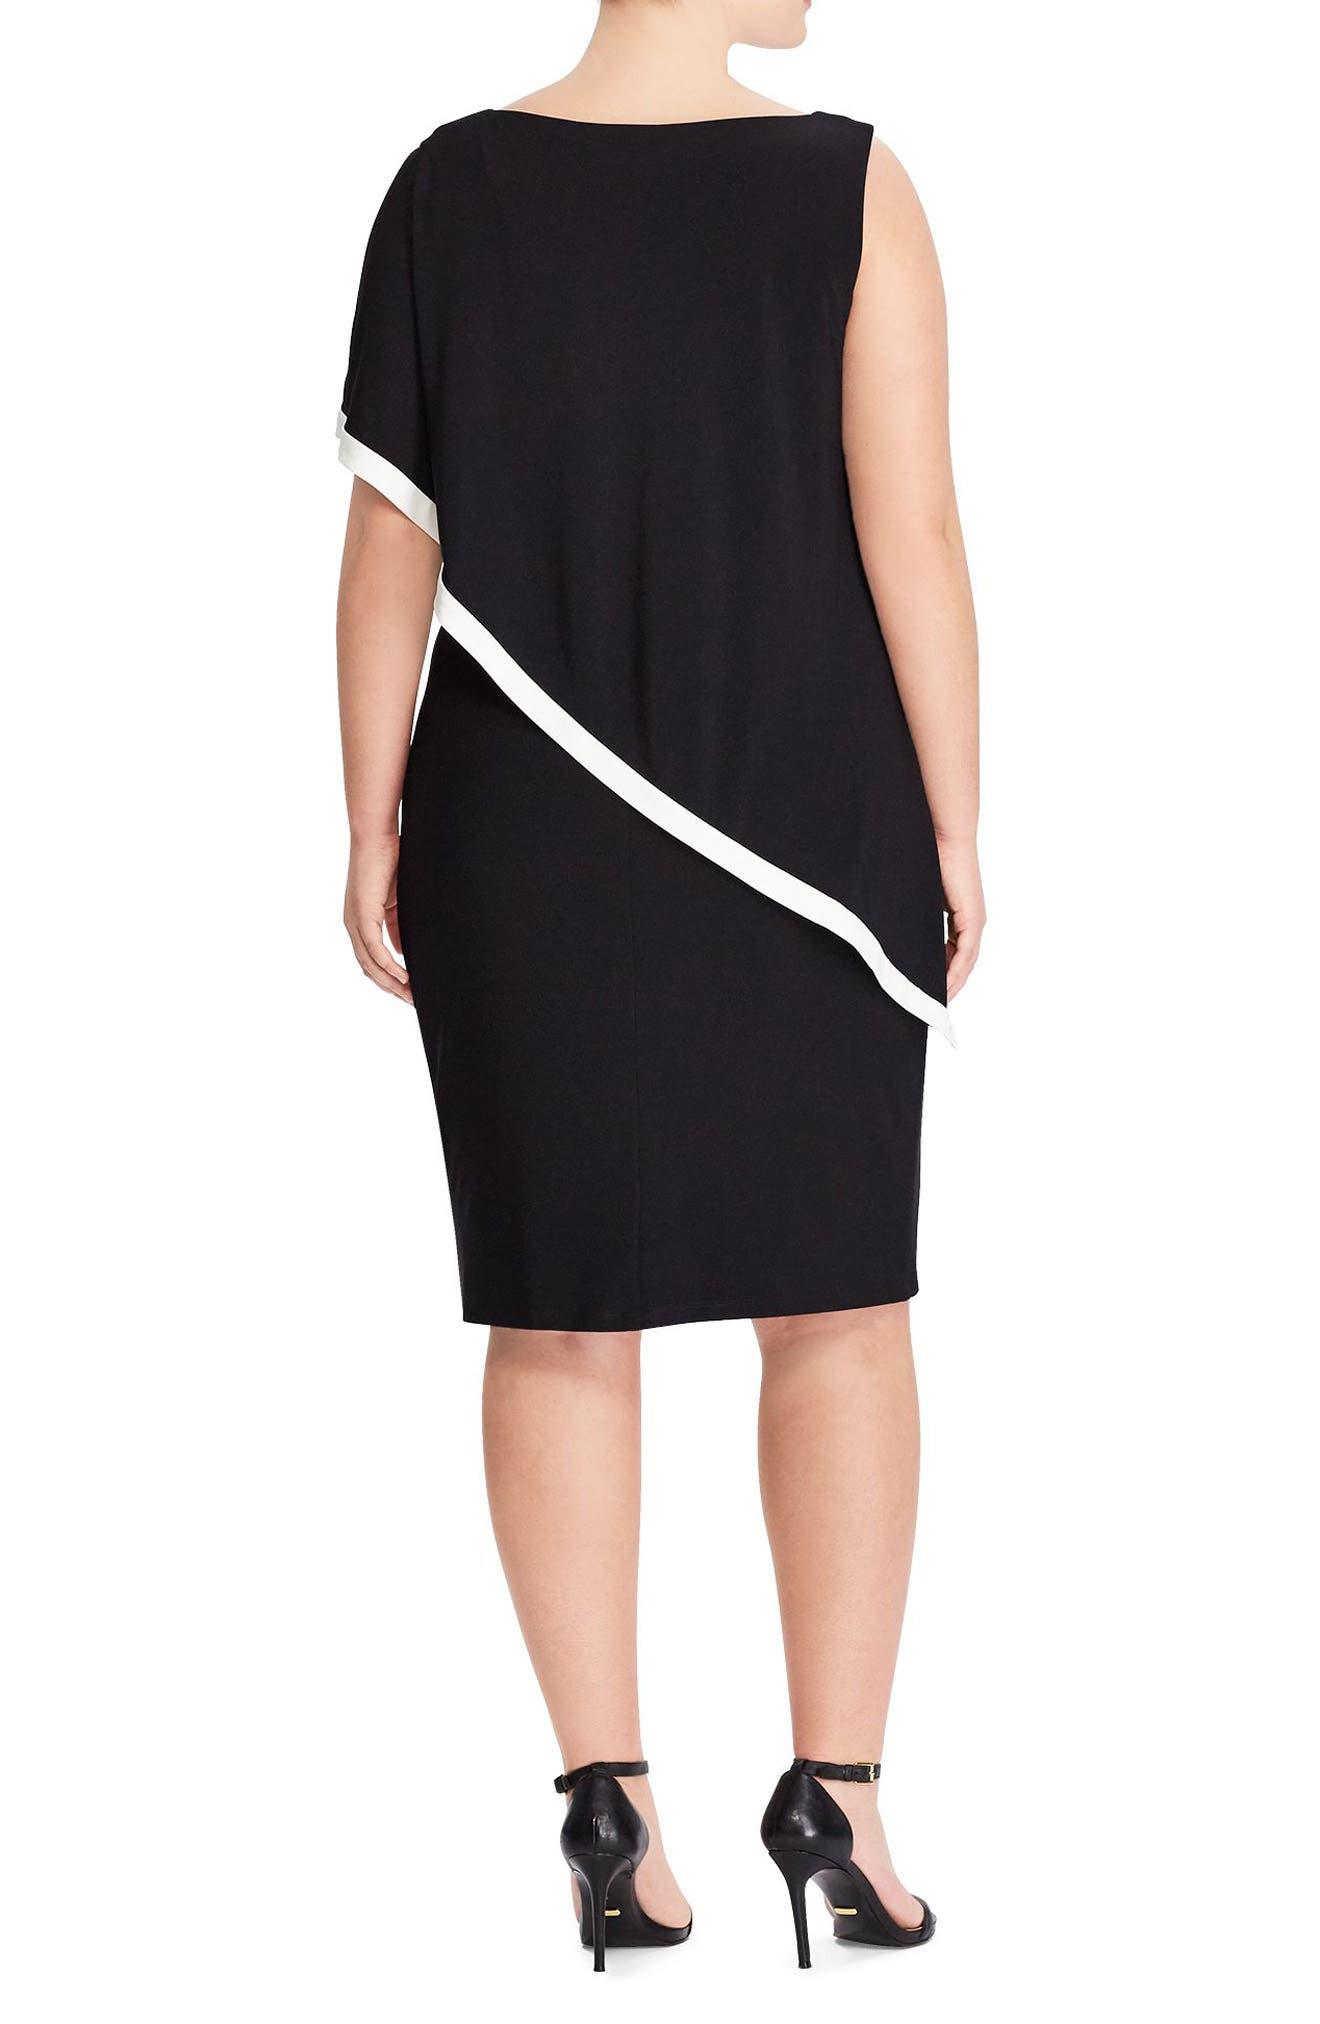 Cape Overlay Sheath Dress,                             Alternate thumbnail 2, color,                             Black-Lauren White